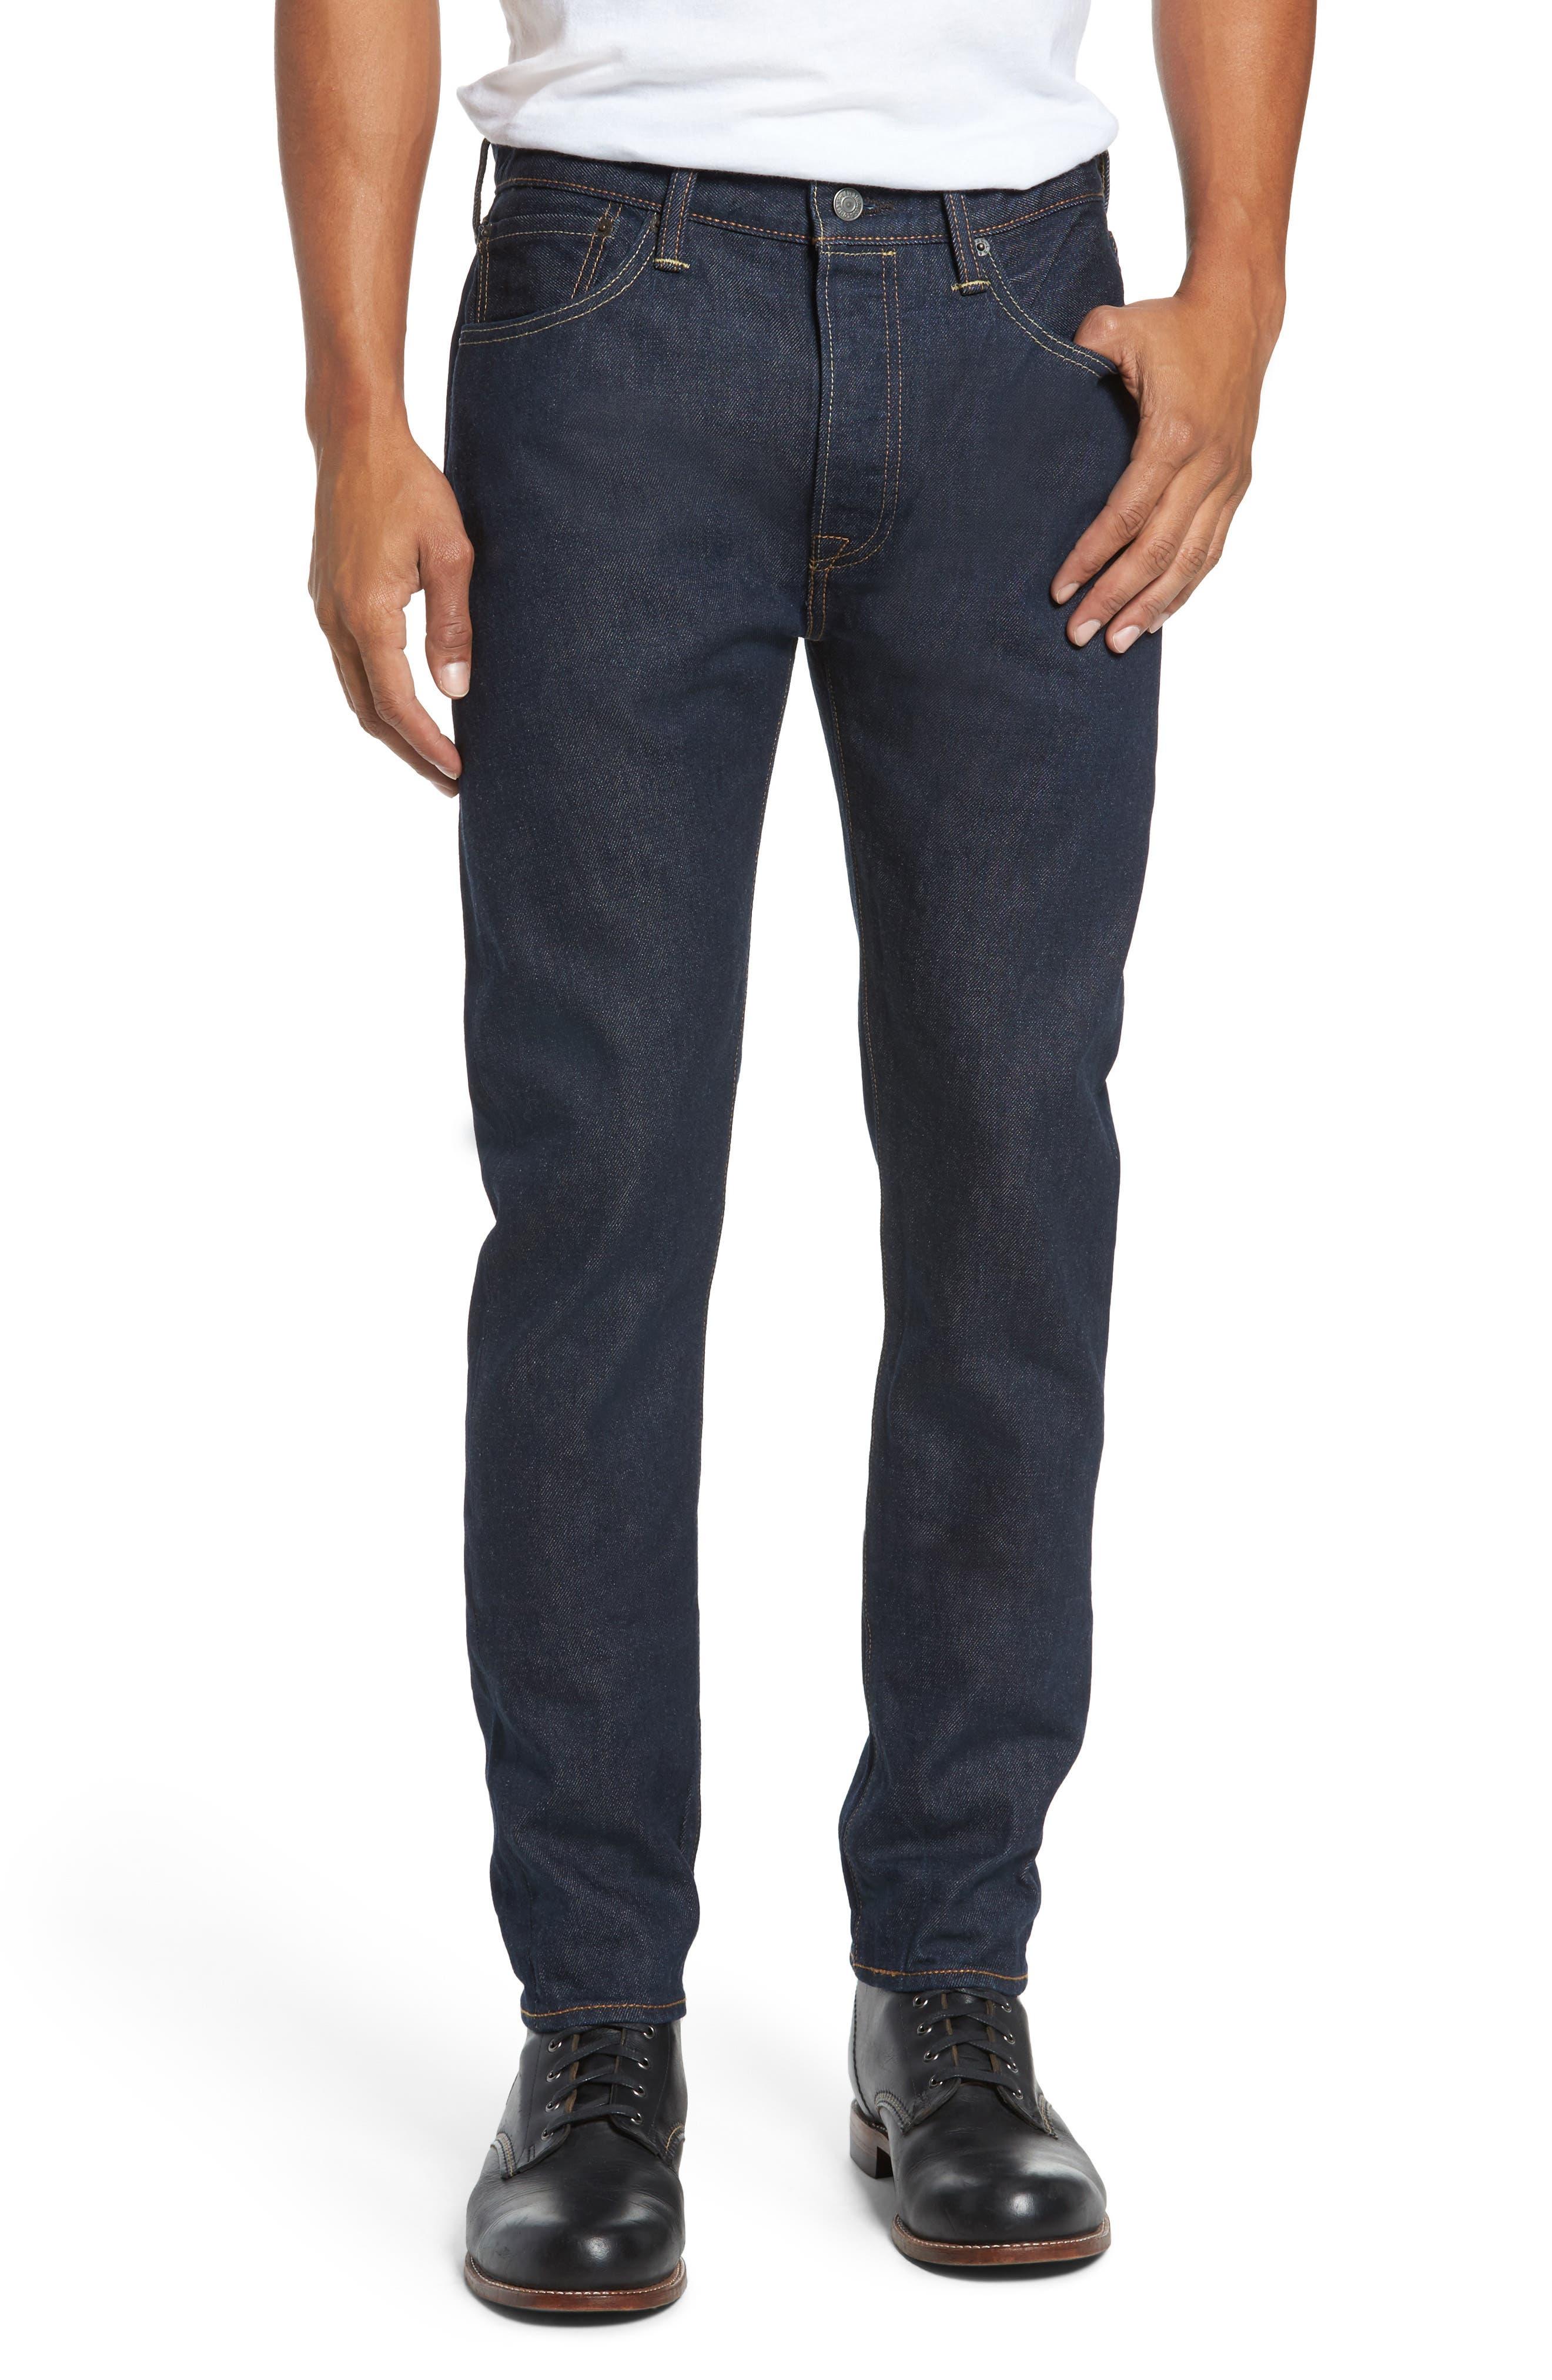 Alternate Image 1 Selected - Levi's® 501™ Skinny Leg Jeans (Noten)